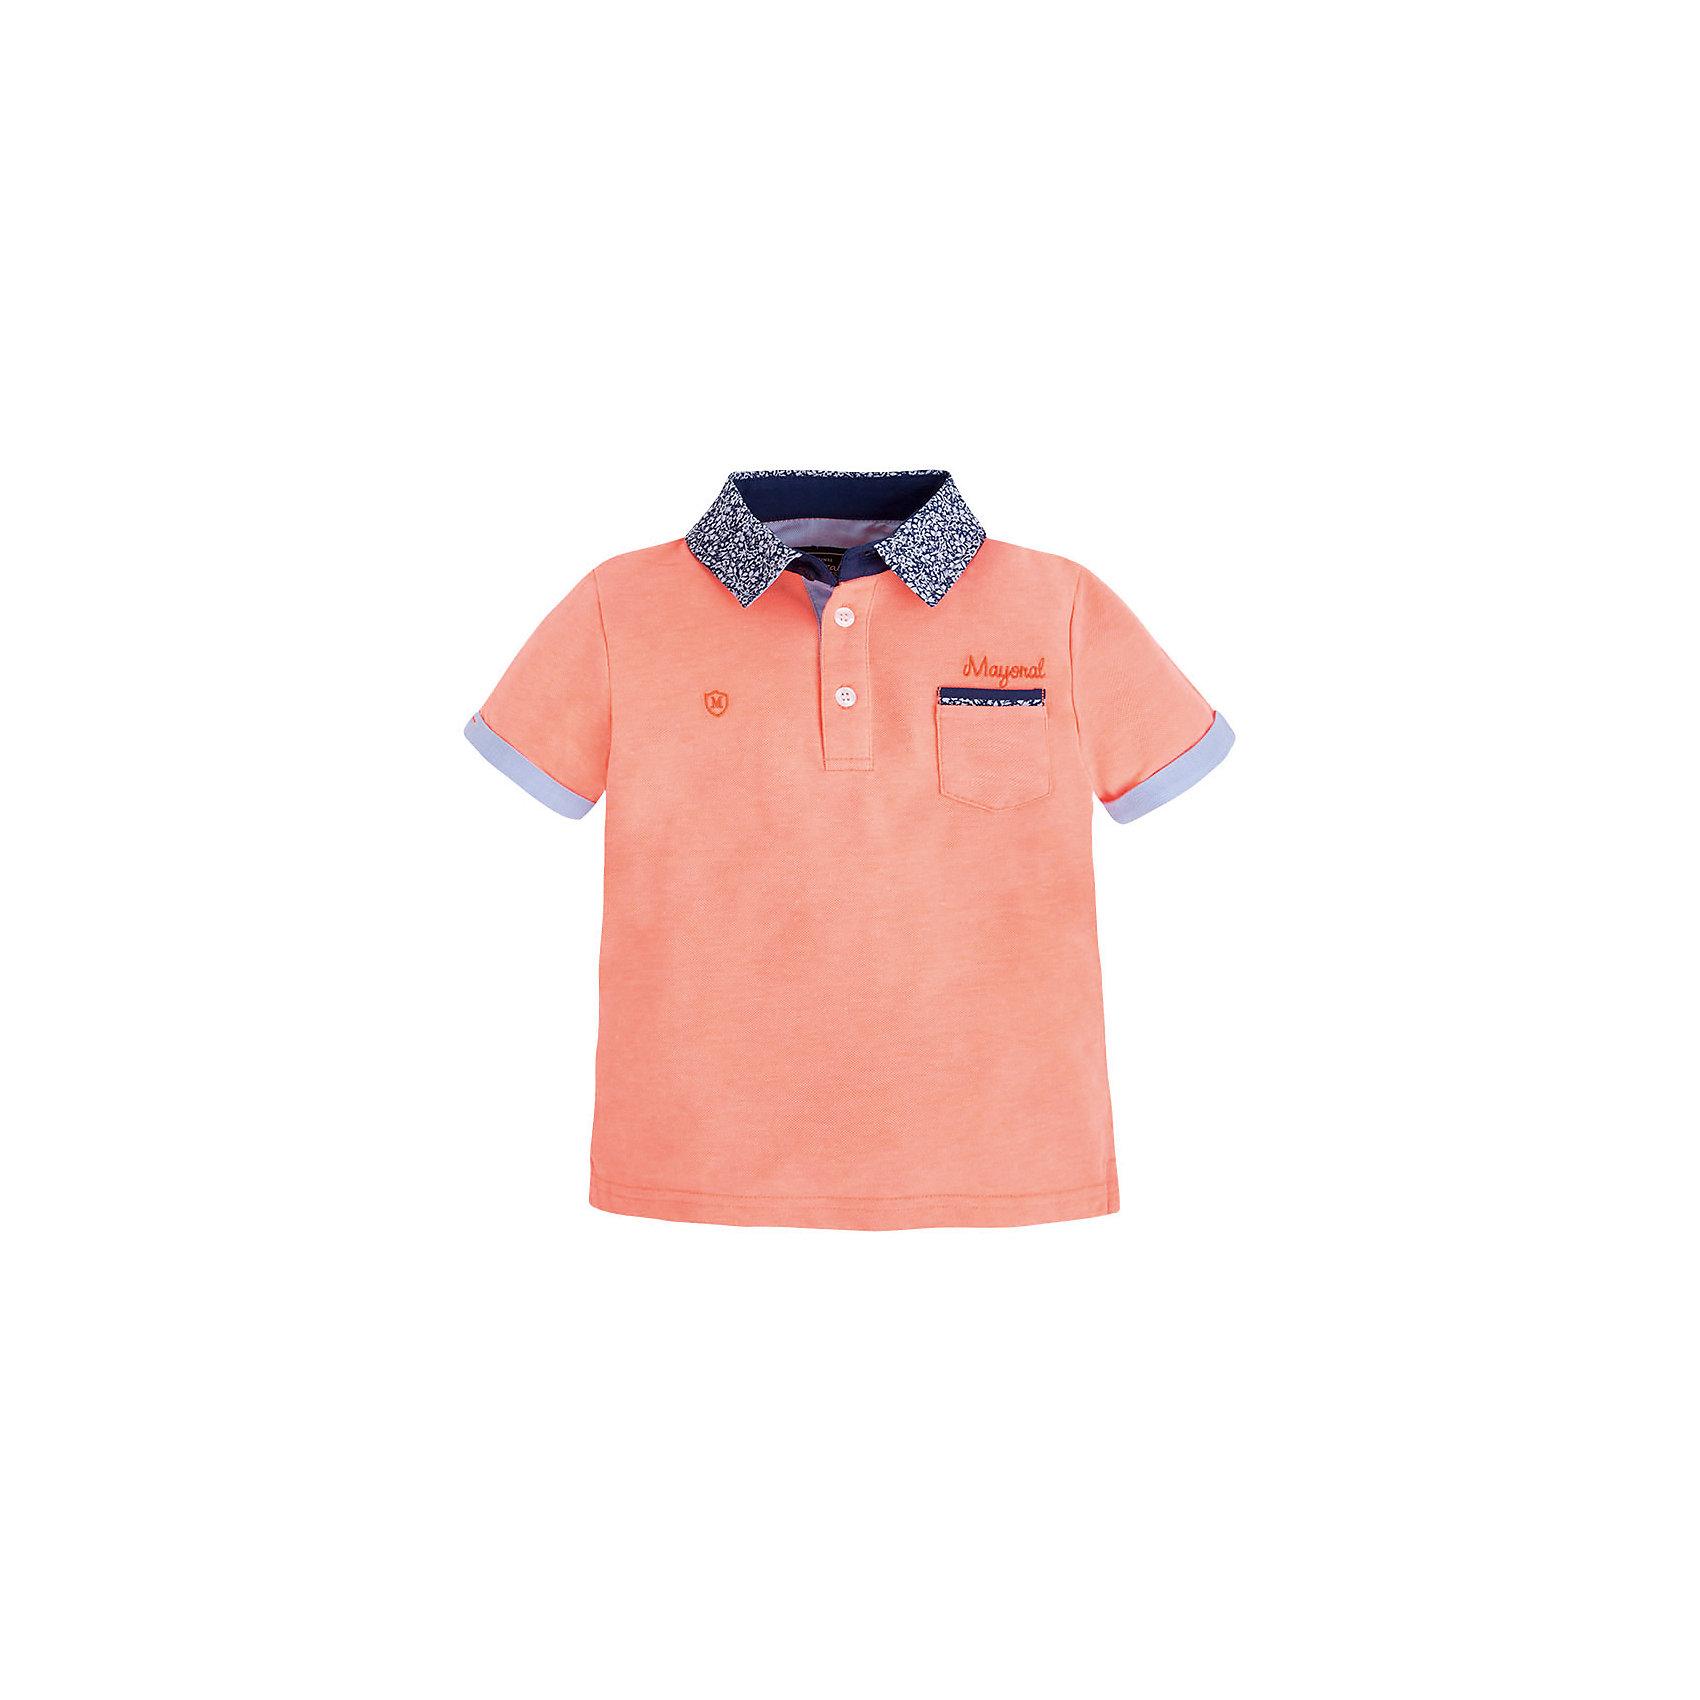 Футболка-поло для мальчика MayoralФутболки, поло и топы<br>Рубашка-поло для мальчика от известной испанской марки Mayoral <br><br>Стильная рубашка от Mayoral актуальна и на каждый день и на праздник! Она прекрасно сочетается с джинсами и брюками.  Модель выполнена из качественных материалов, отлично сидит по фигуре.<br><br>Особенности модели:<br><br>- цвет: розовый;<br>- рукава короткие;<br>- контрастная отделка ворота и рукавов;<br>- украшена вышивкой;<br>- натуральный материал.<br><br>Дополнительная информация:<br><br>Состав: 65% полиэстер, 35% хлопок<br><br>Рубашку-поло для мальчика Mayoral (Майорал) можно купить в нашем магазине.<br><br>Ширина мм: 174<br>Глубина мм: 10<br>Высота мм: 169<br>Вес г: 157<br>Цвет: оранжевый<br>Возраст от месяцев: 60<br>Возраст до месяцев: 72<br>Пол: Мужской<br>Возраст: Детский<br>Размер: 116,98,134,128,122,110,104<br>SKU: 4541687